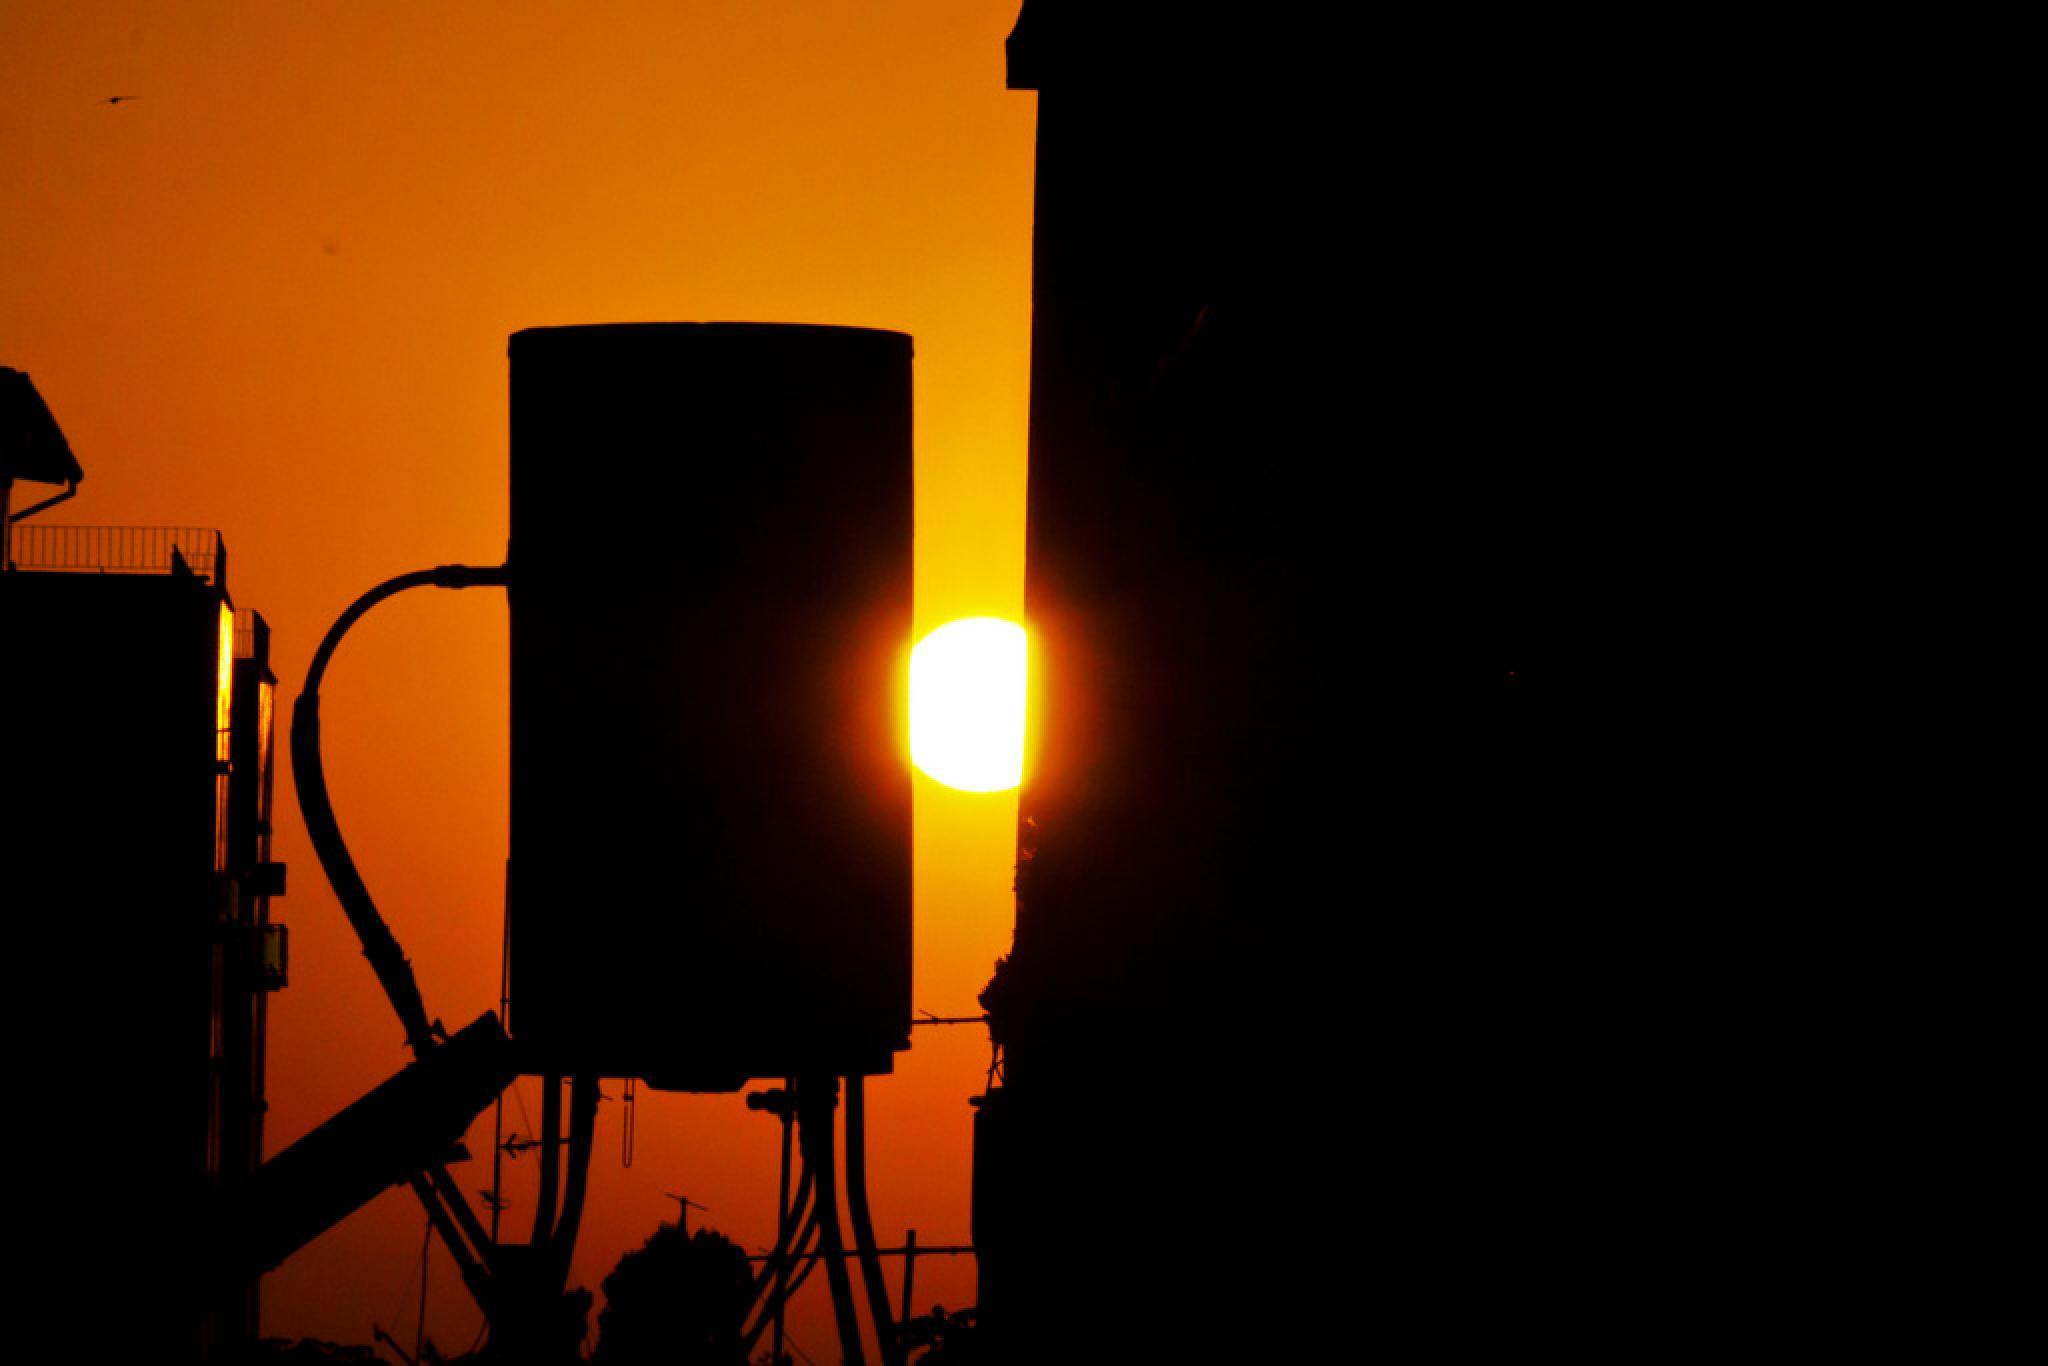 The sun! by solange benasulin